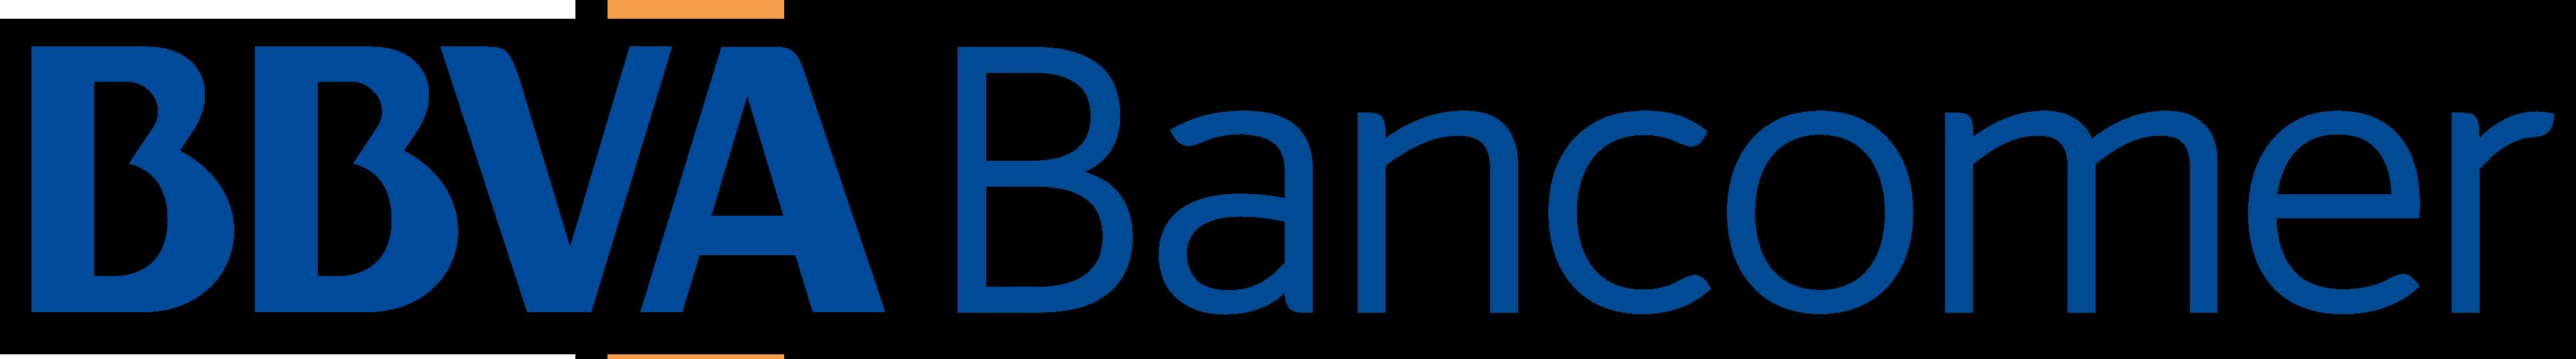 Bbva Bancomer Logos Download